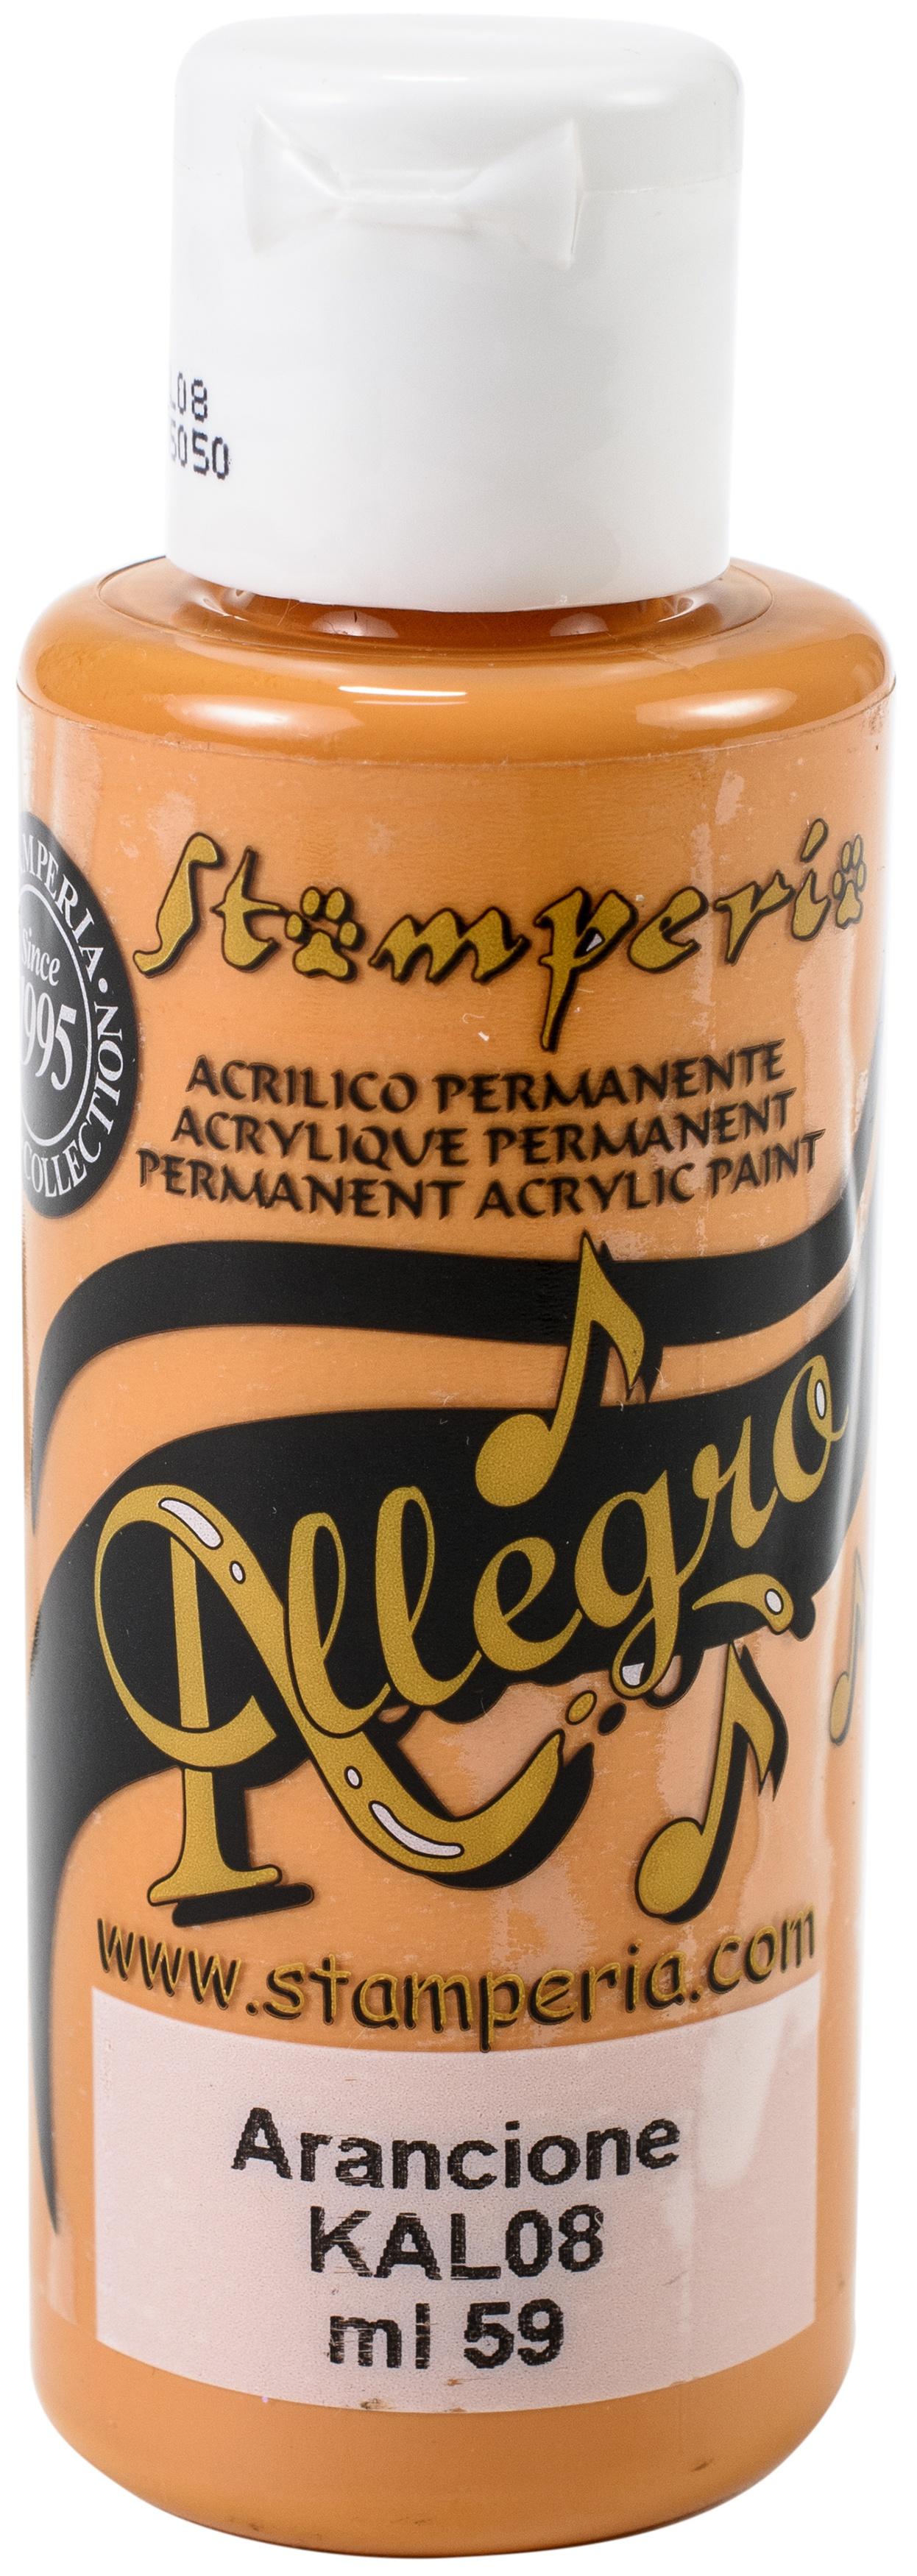 Allegro Paint - Orange